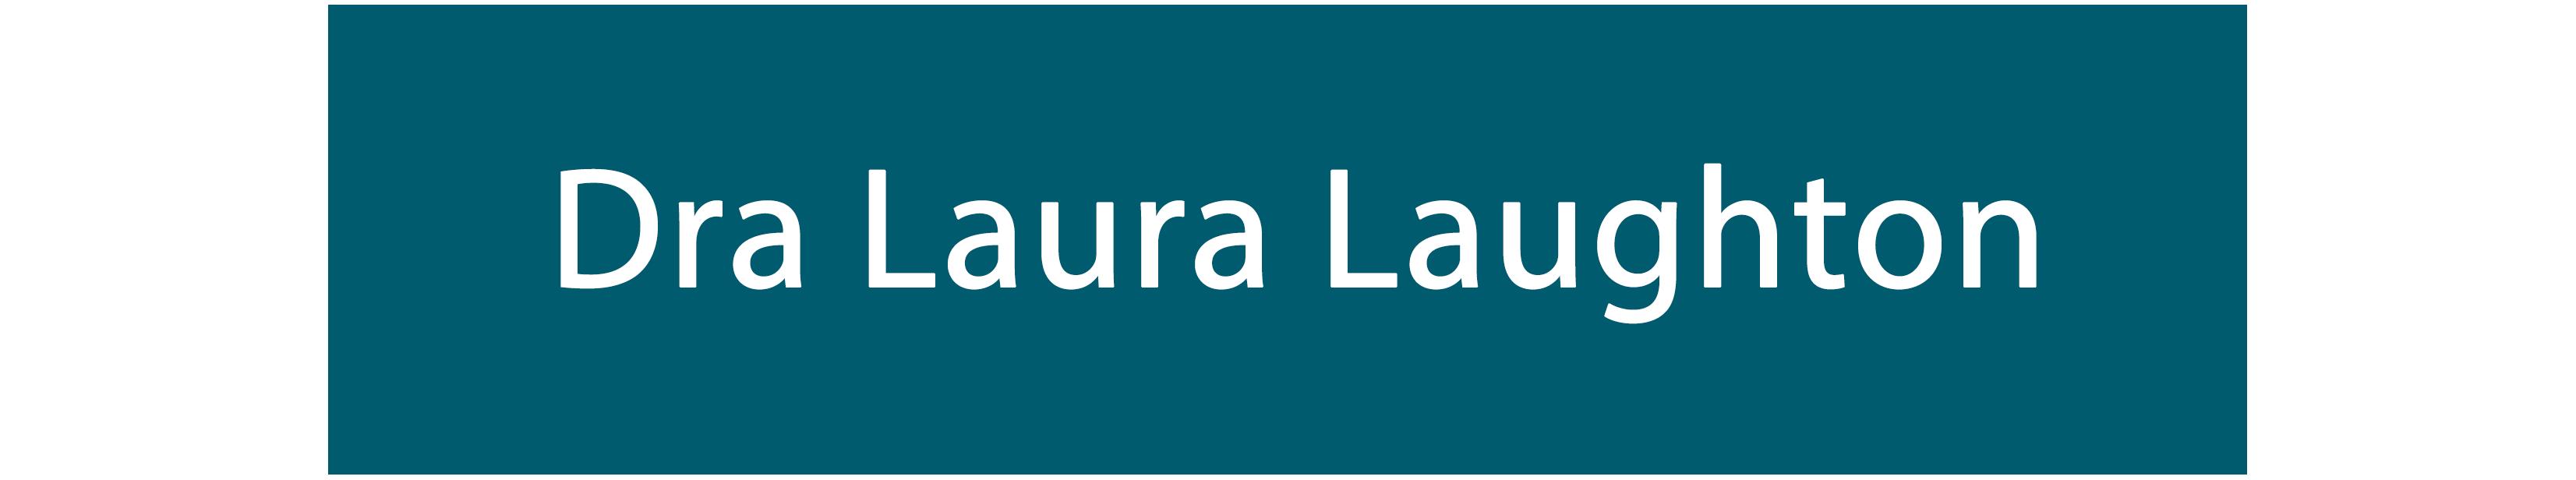 Dra. Laura Laughton